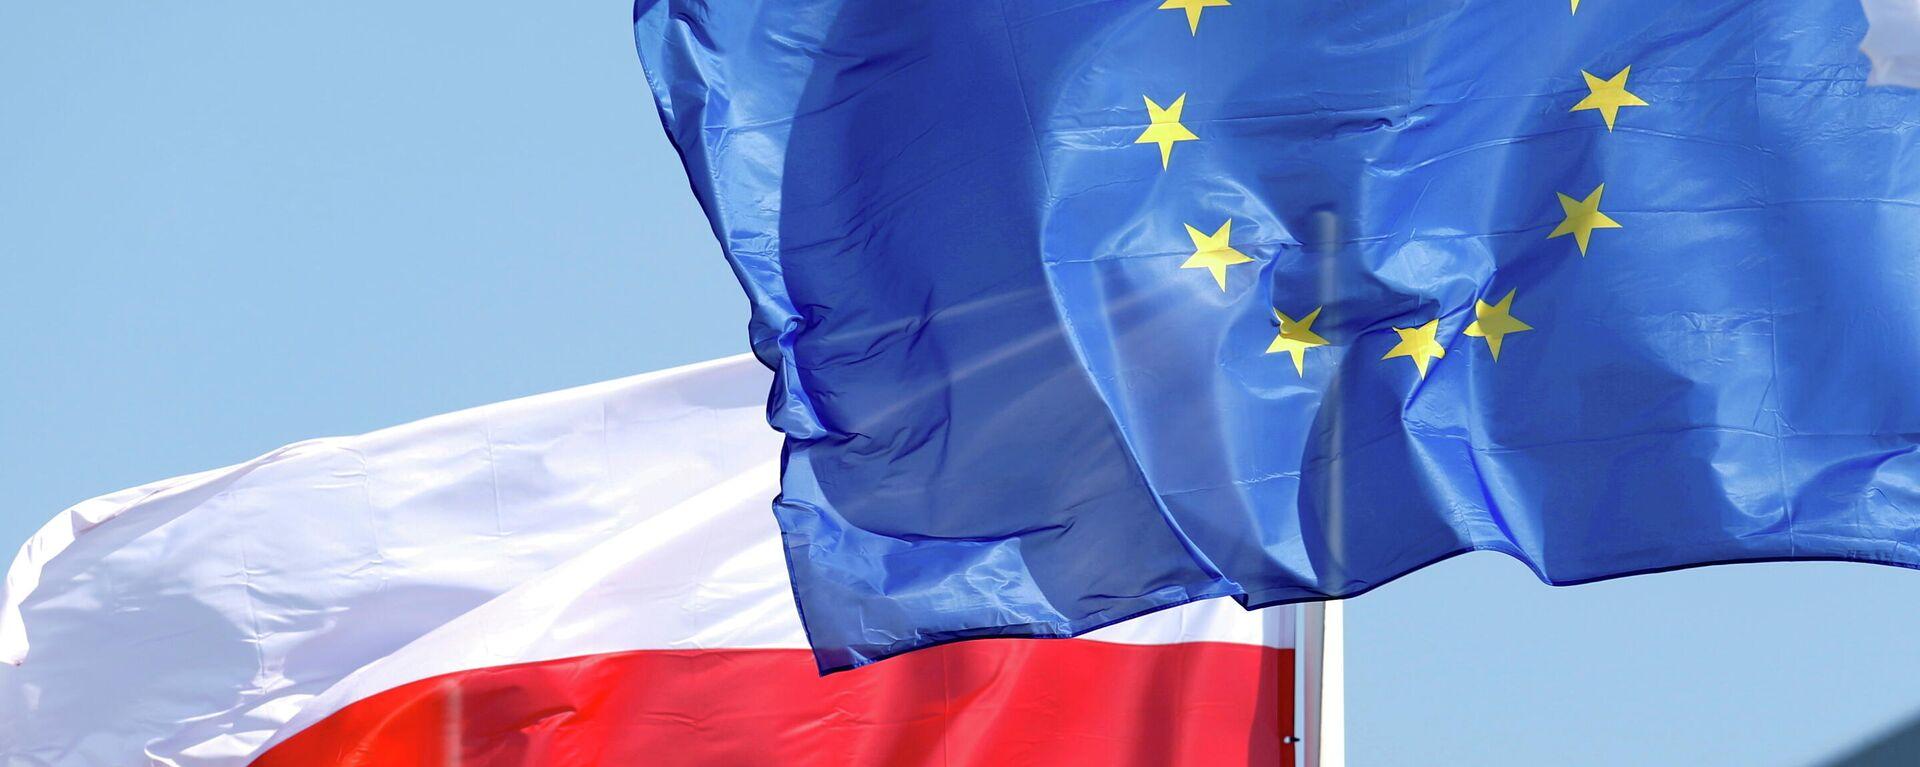 Die Falggen von Polen und der EU - SNA, 1920, 09.09.2021